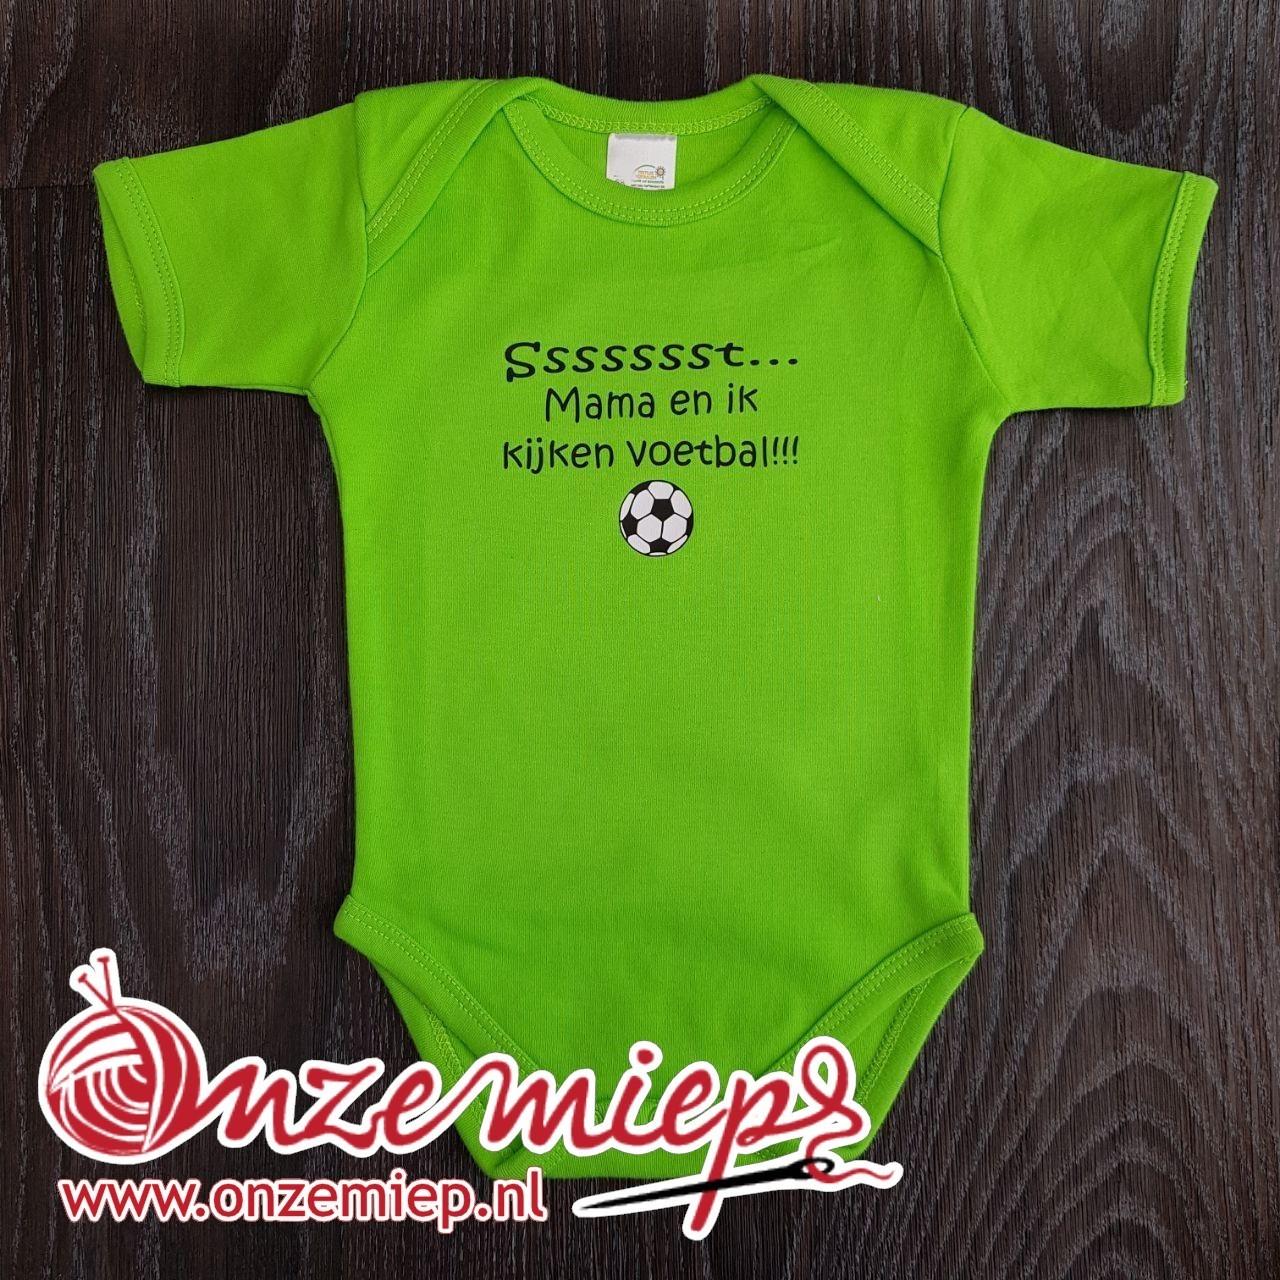 """Groene romper met de tekst: """"Sssssst... Mama en ik kijken voetbal"""""""